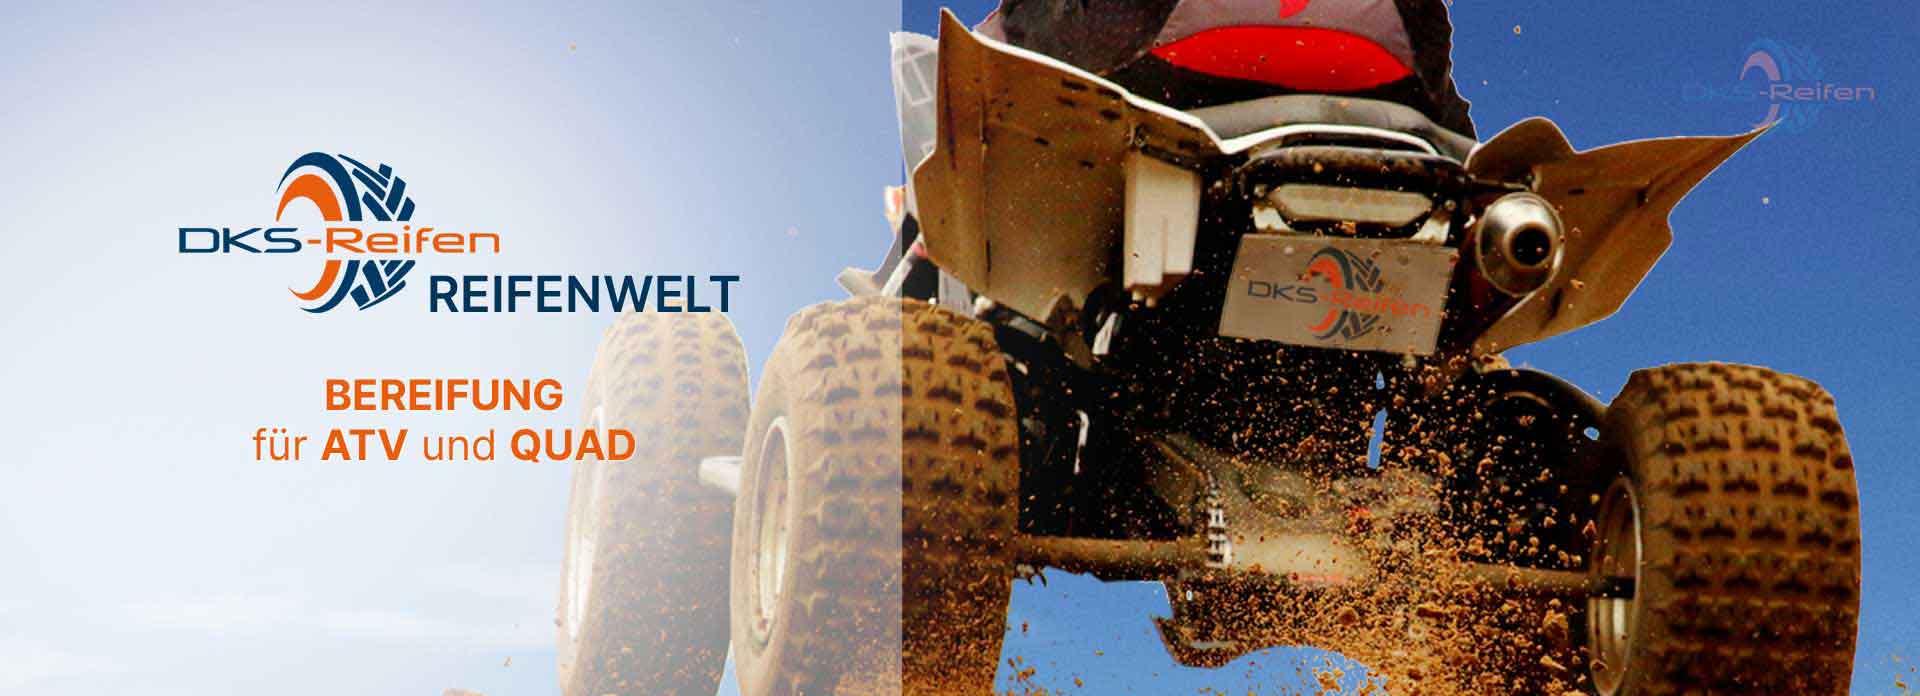 DKS Reifen für ATV und Quad in robuster Qualität und hoher Laufleistung